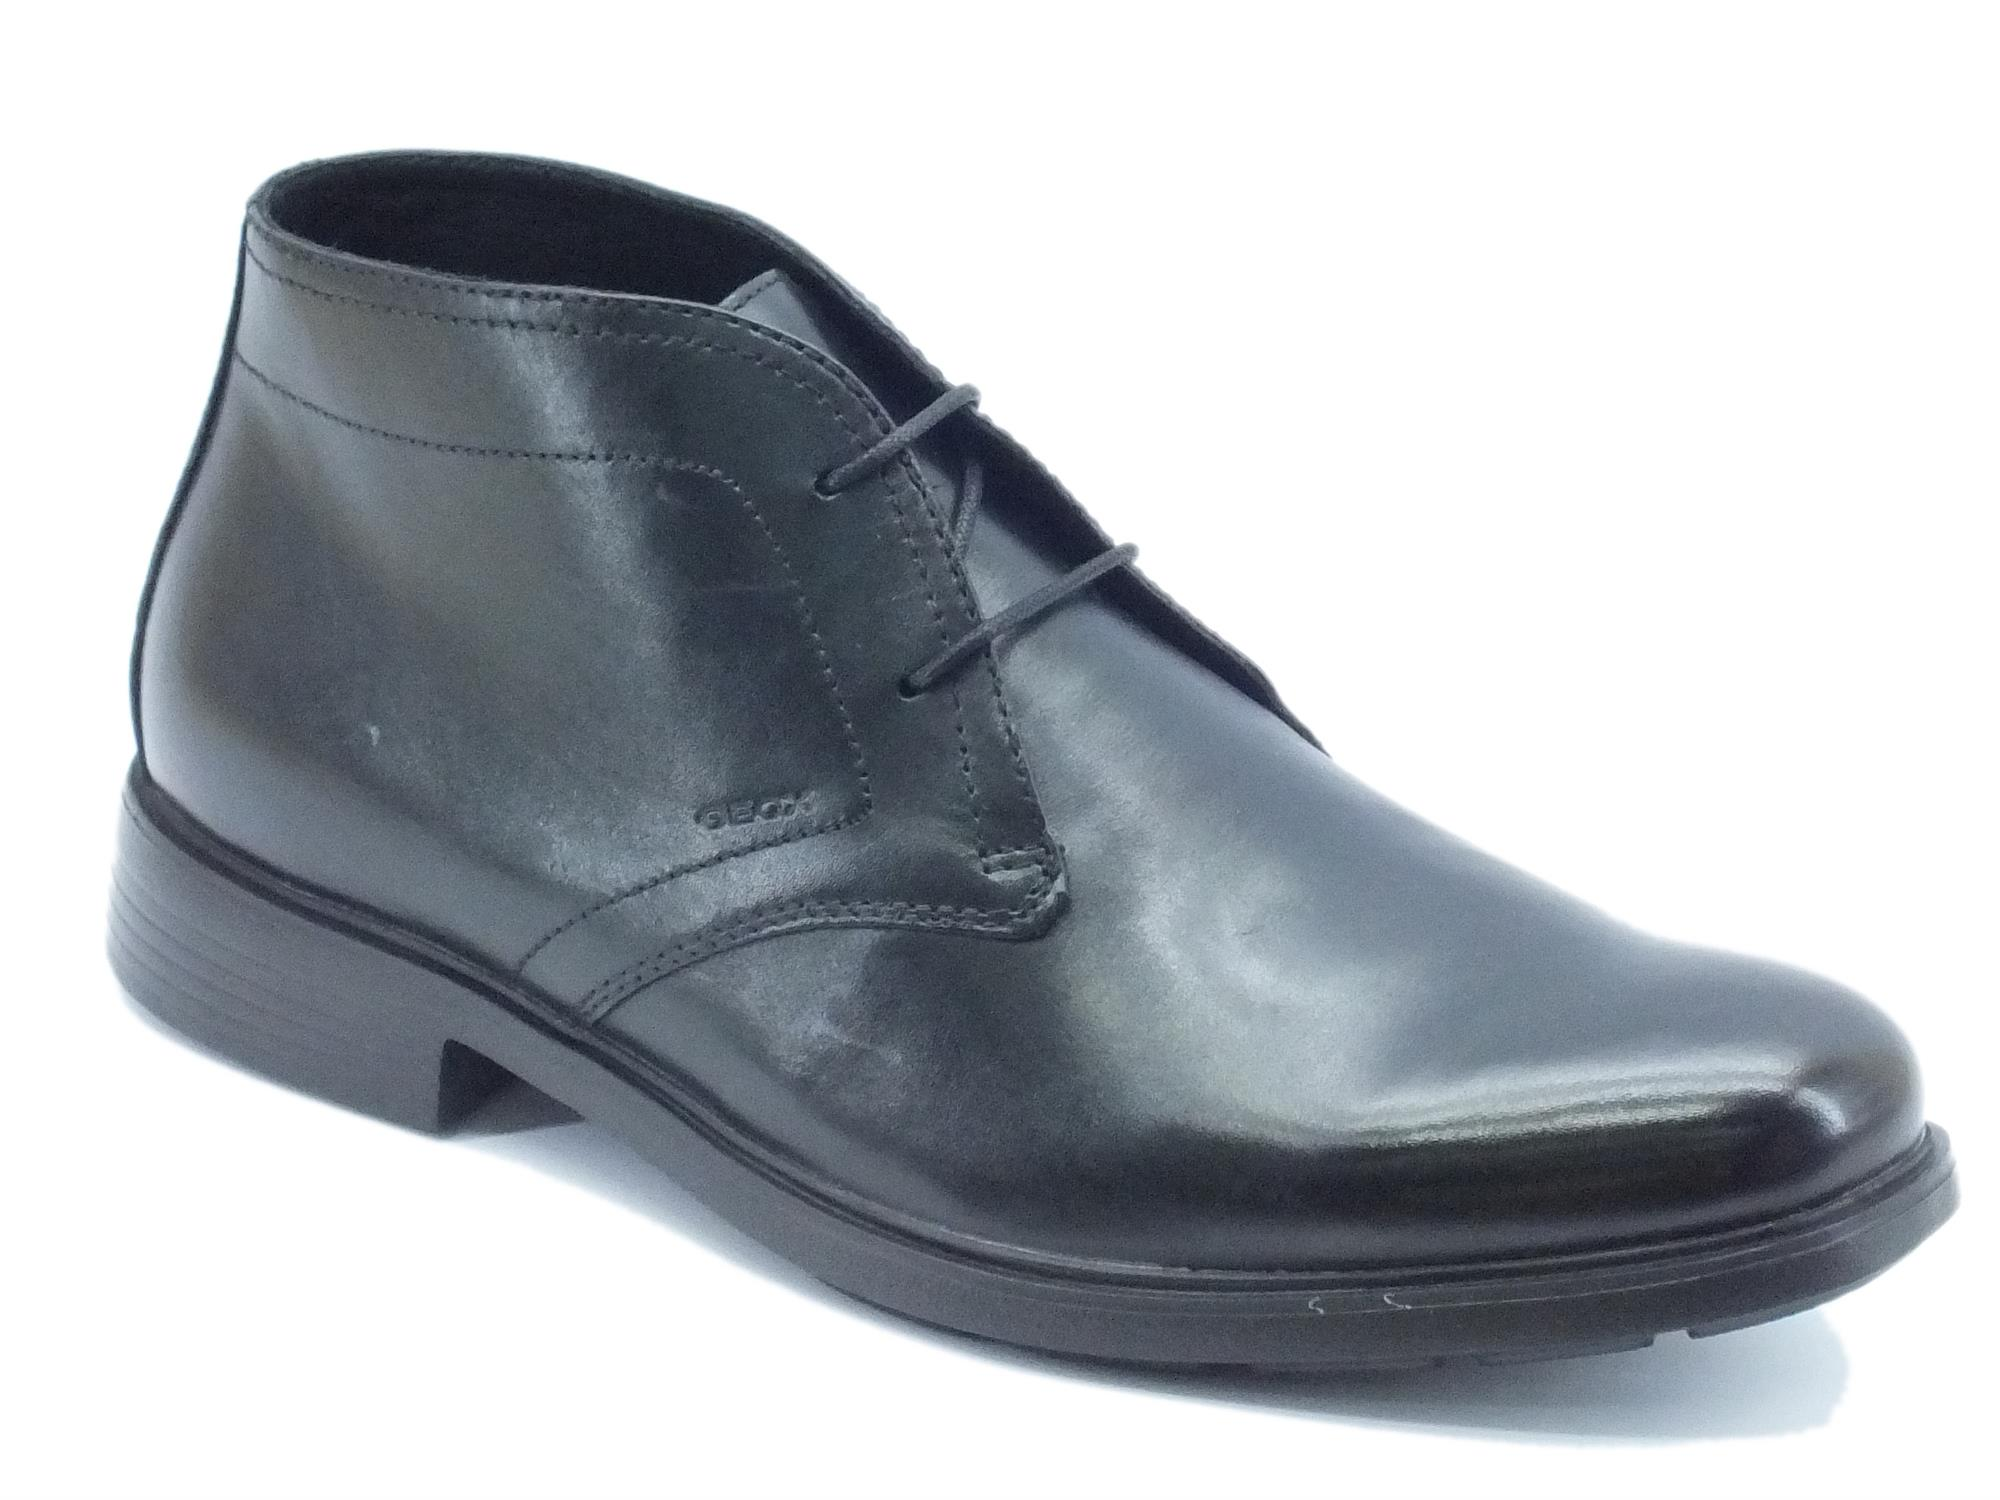 bbcc3f840c6dbd Scarpe uomo Geox modello classico pelle nera - Vitiello Calzature